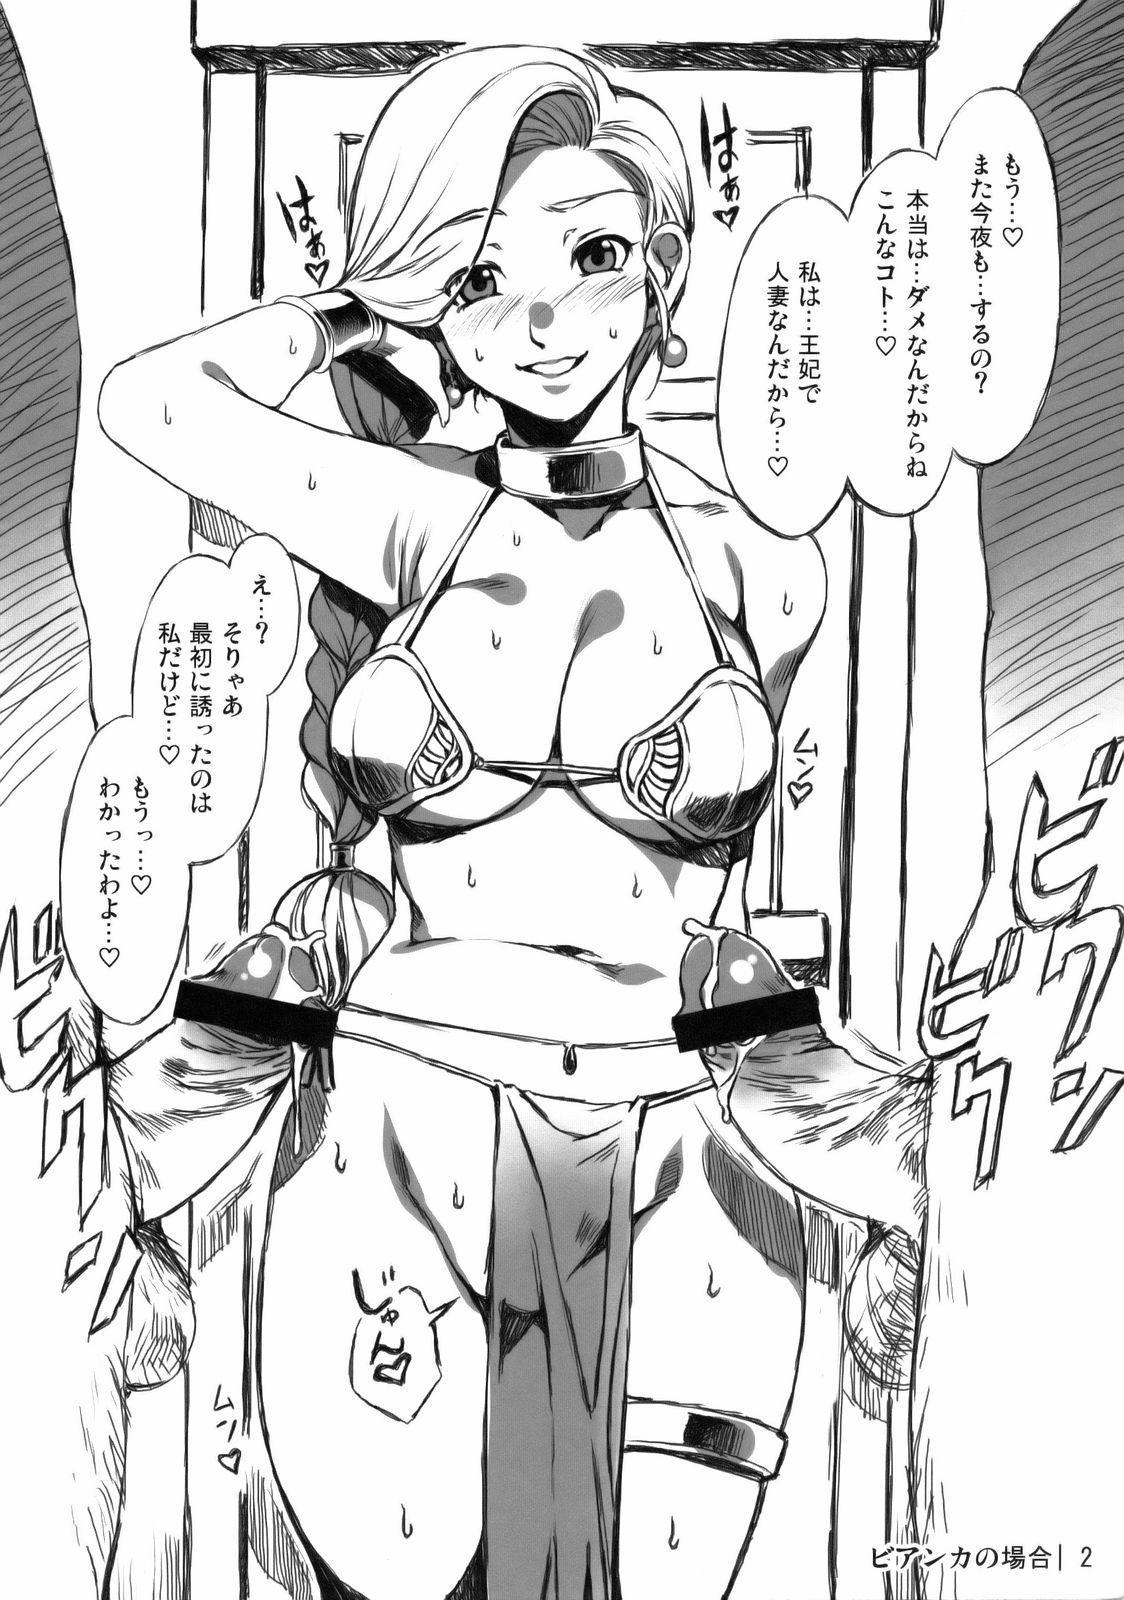 Tenkuu no Hanayome 1